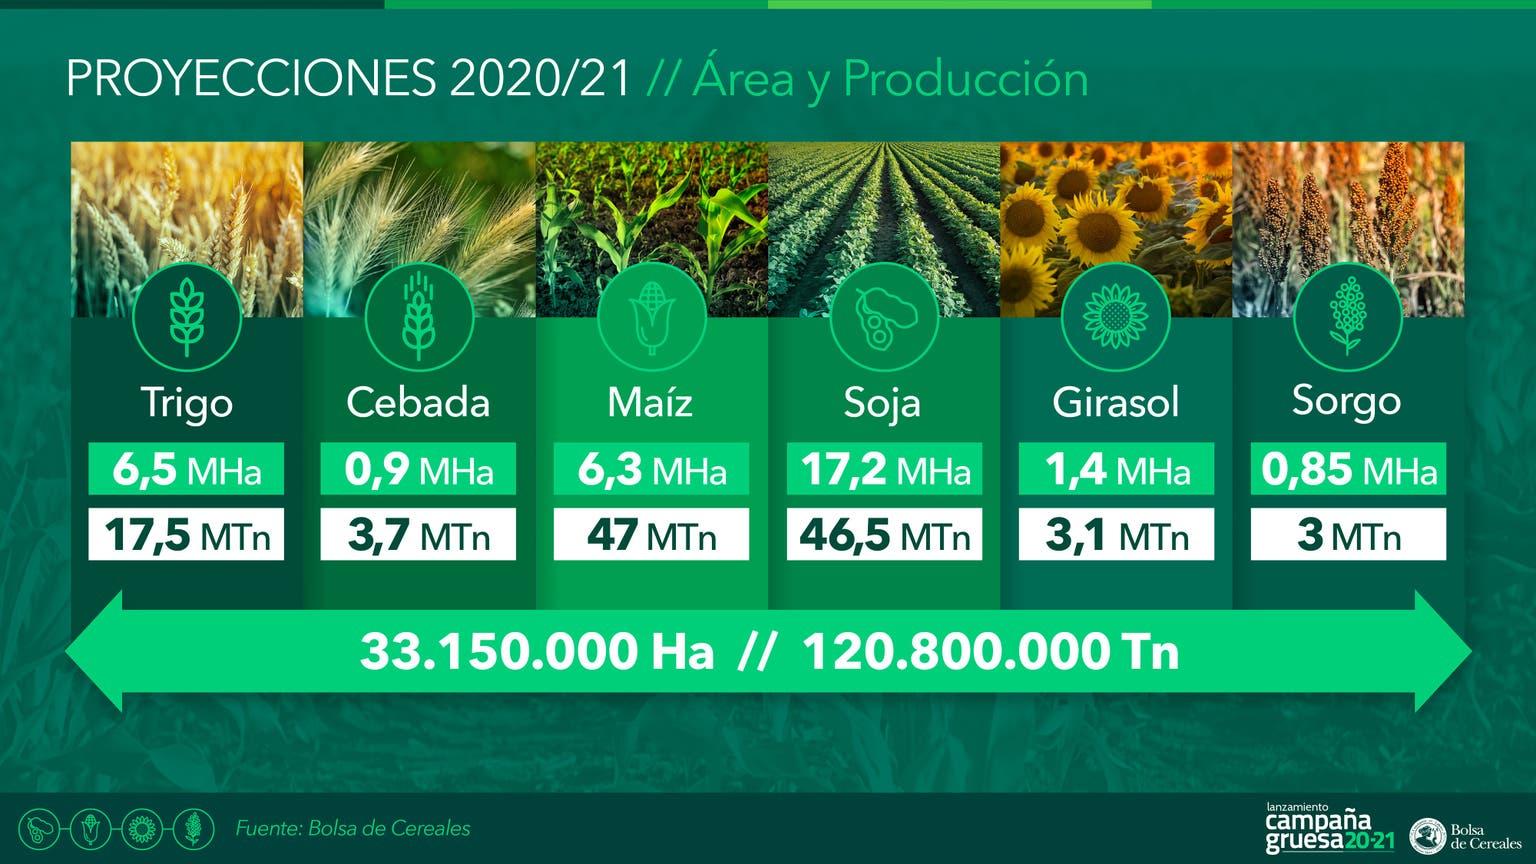 Las estimaciones de área y producción 2020/2021